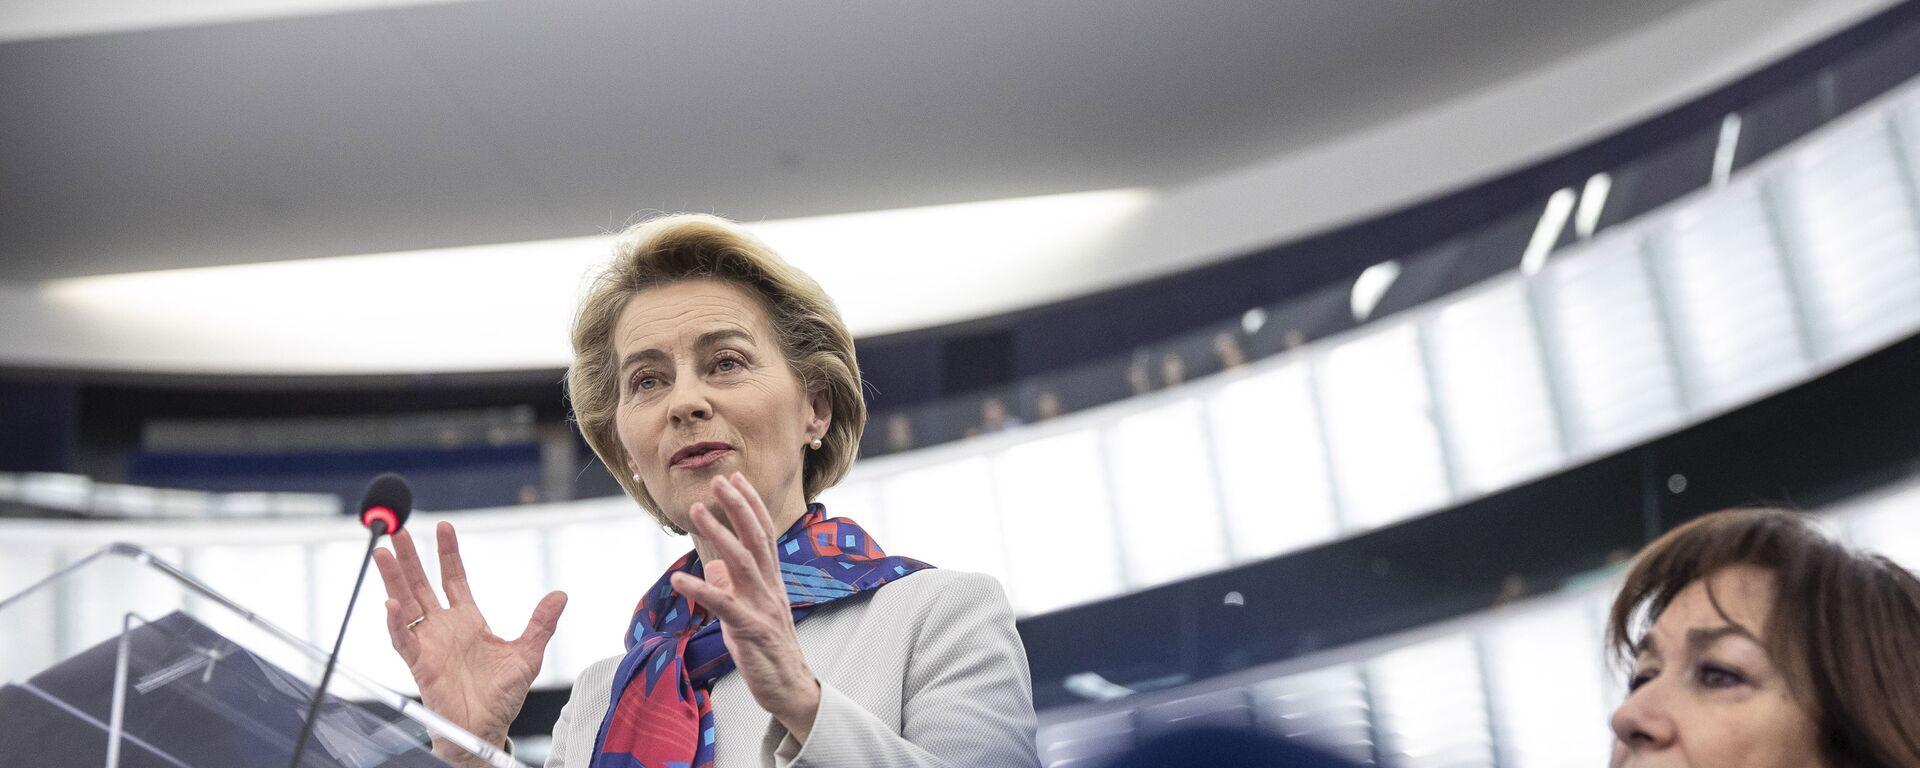 Il presidente della Commissione Europea Ursula von der Leyen  - Sputnik Italia, 1920, 21.08.2021